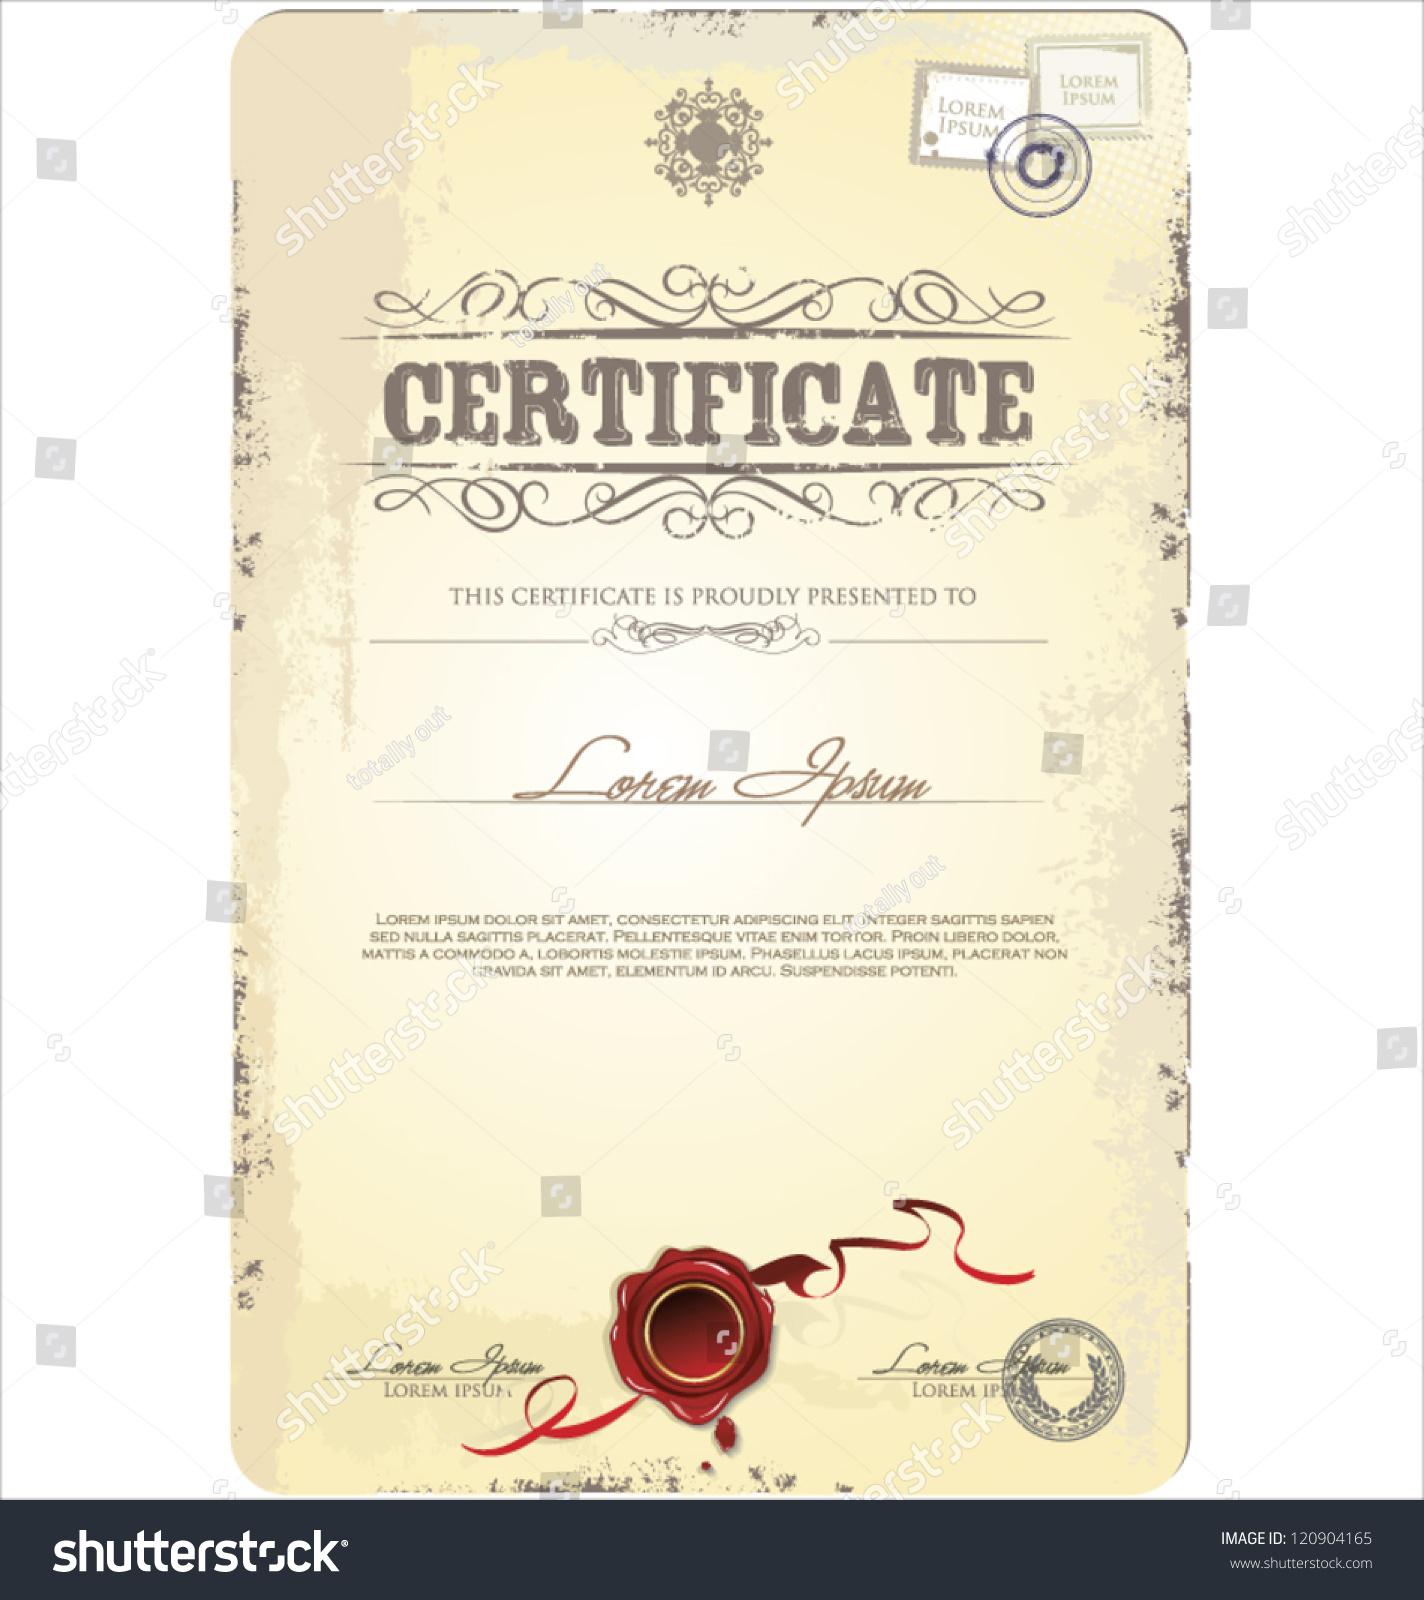 old vintage certificate template vector illustration